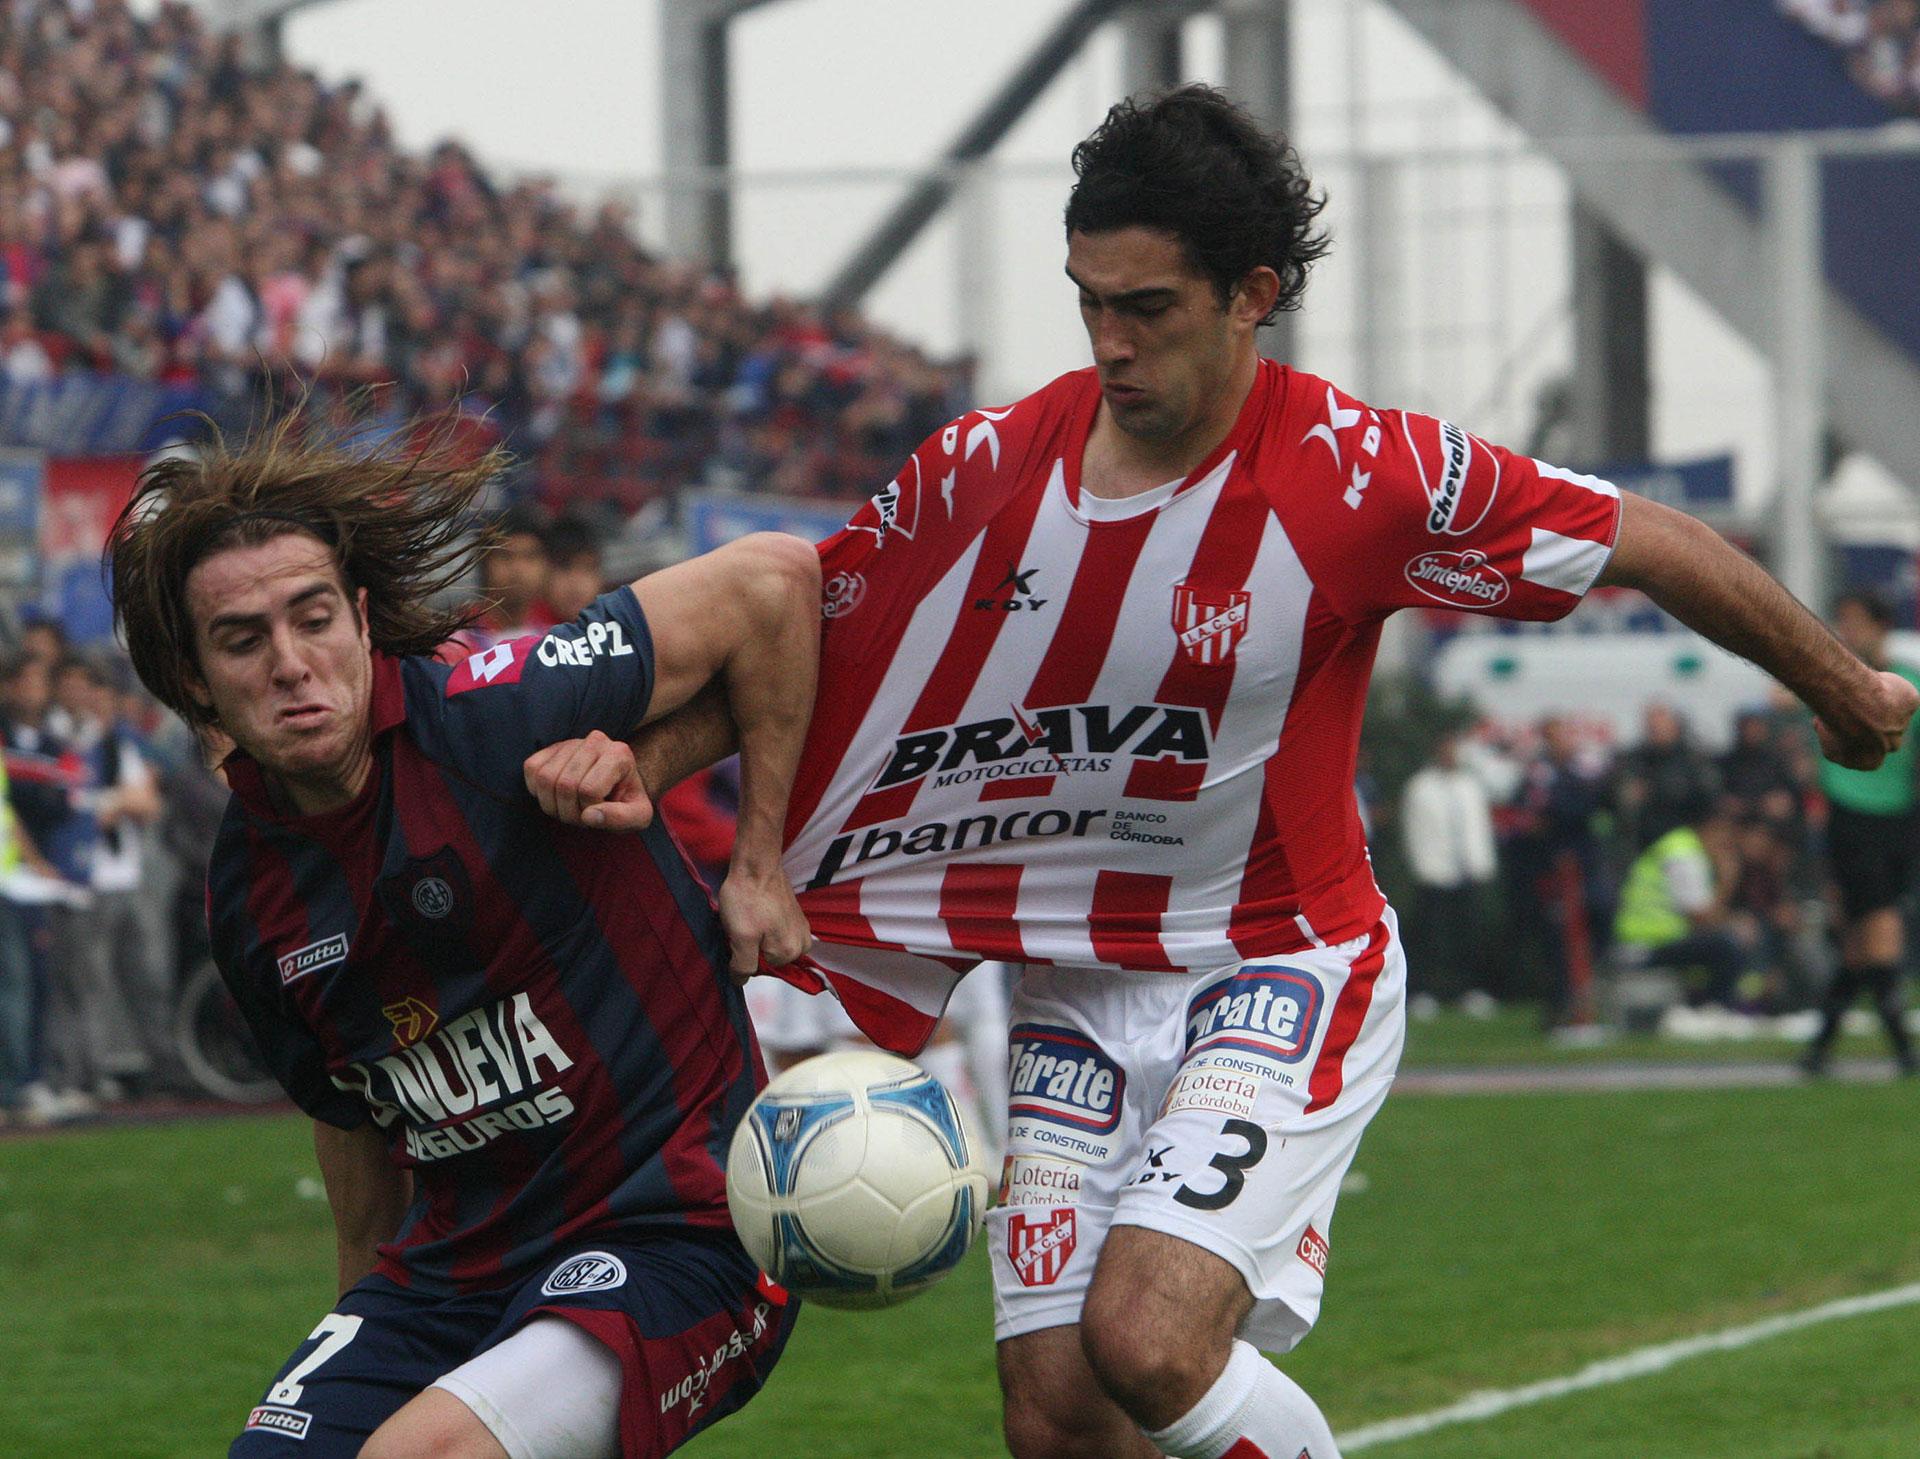 Durante la revancha contra Instituto por la Promoción: fue 1-1 y salvación de San Lorenzo (Foto Baires)